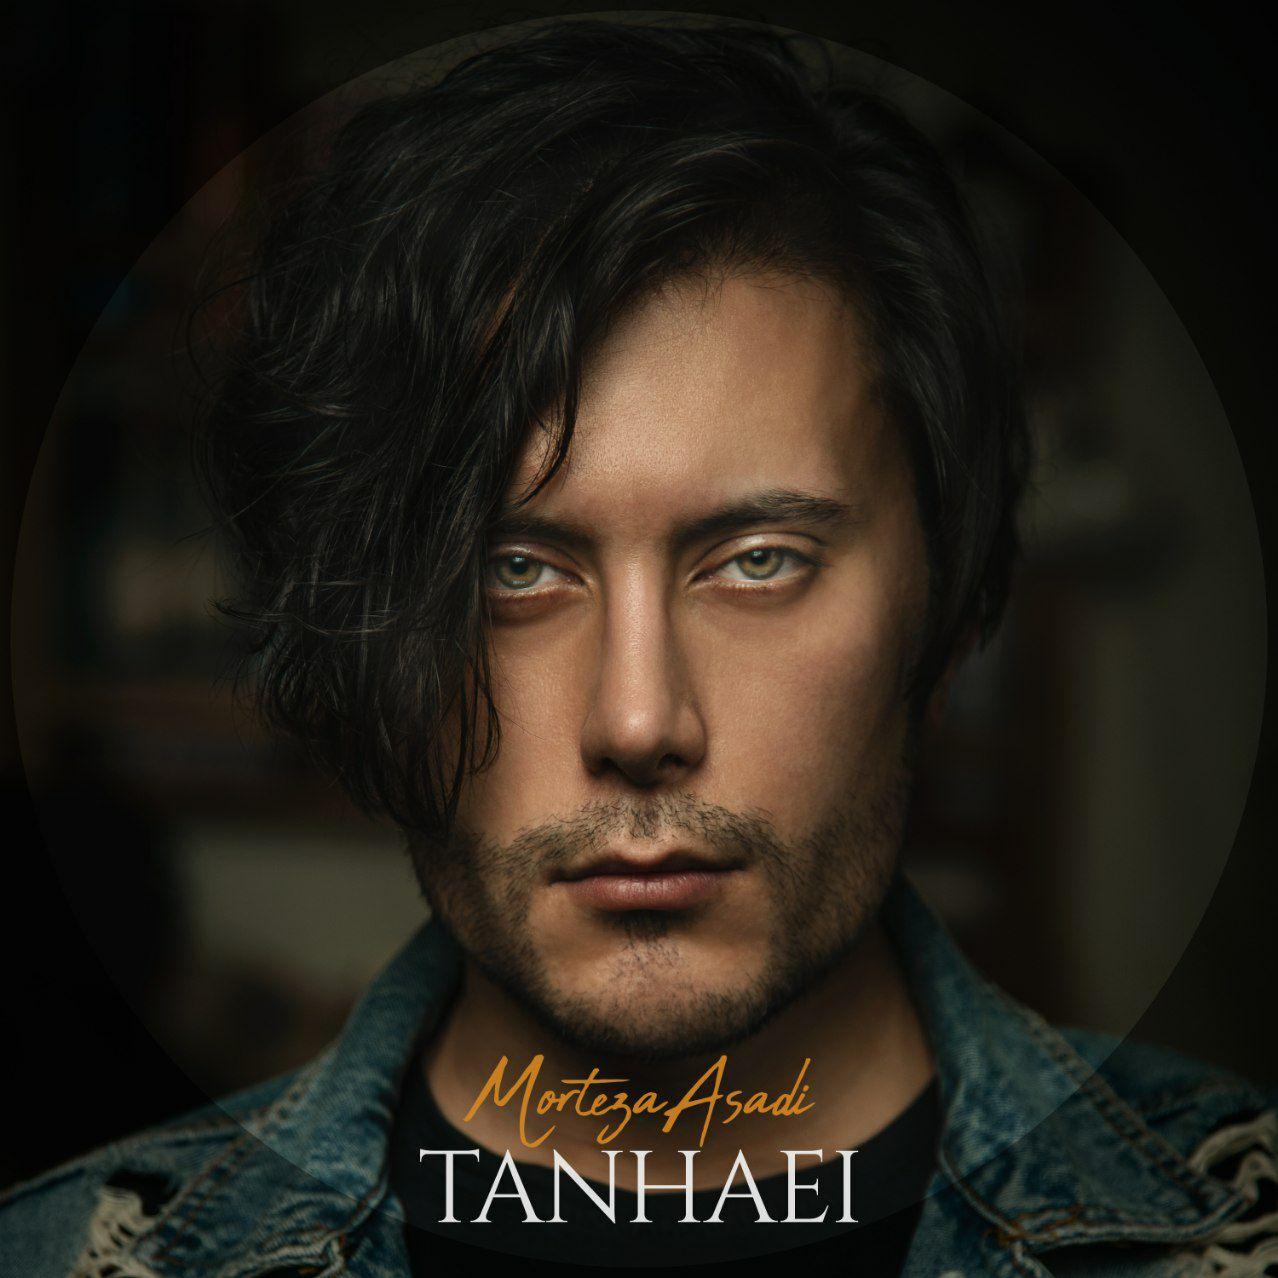 Morteza Asadi – Tanhaei